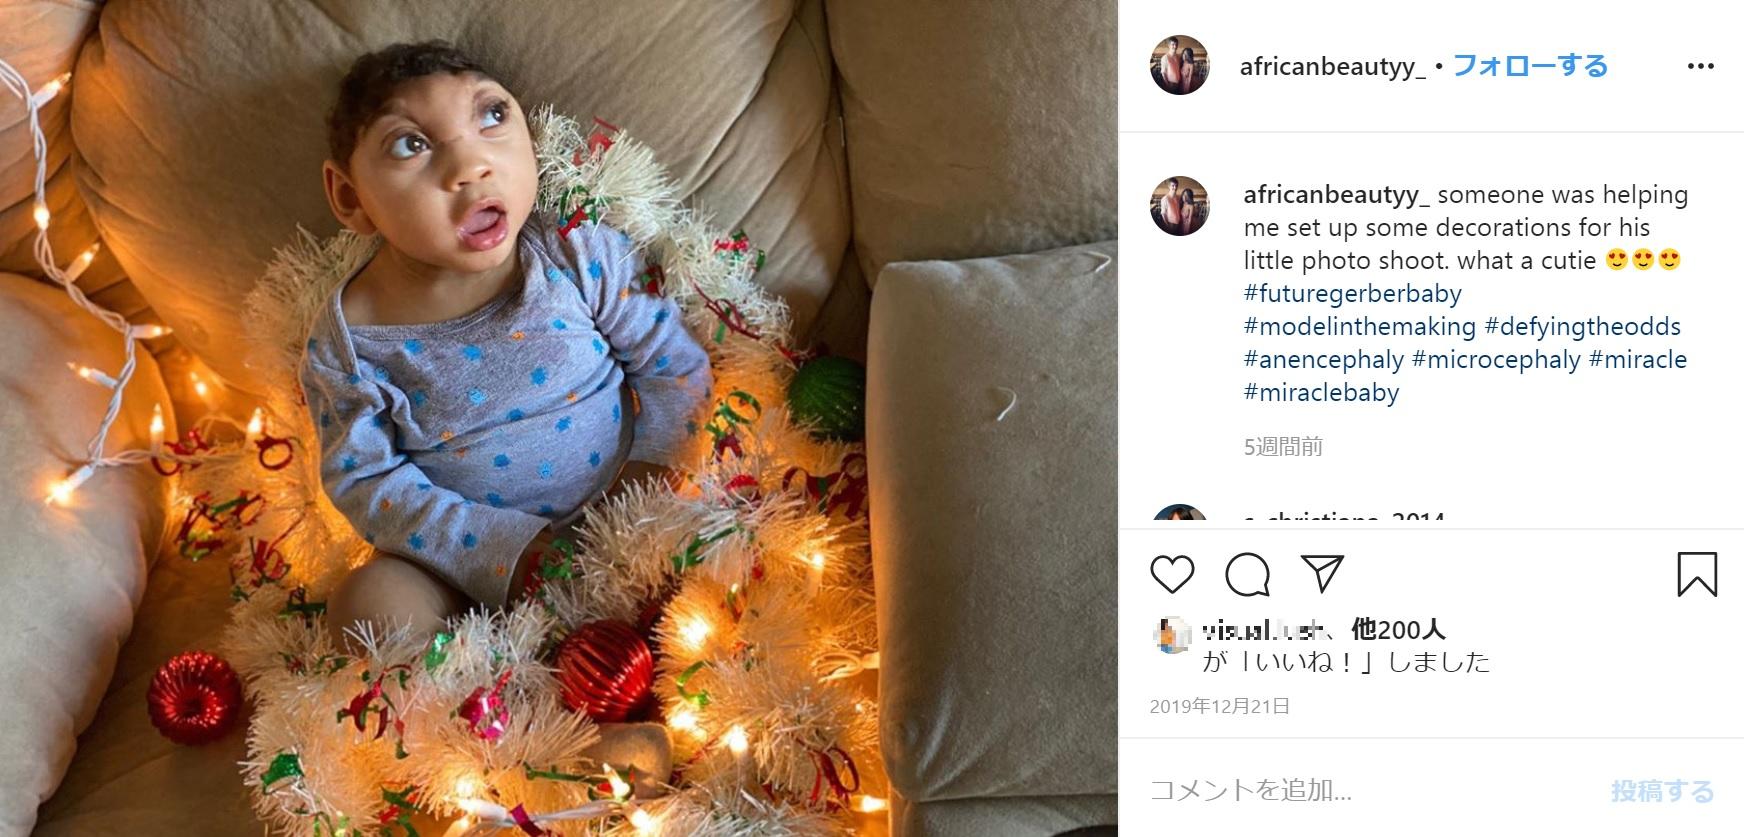 1歳2か月頃のオジー君(画像は『Moby Gordon 2019年12月21日付Instagram「someone was helping me set up some decorations for his little photo shoot.」』のスクリーンショット)